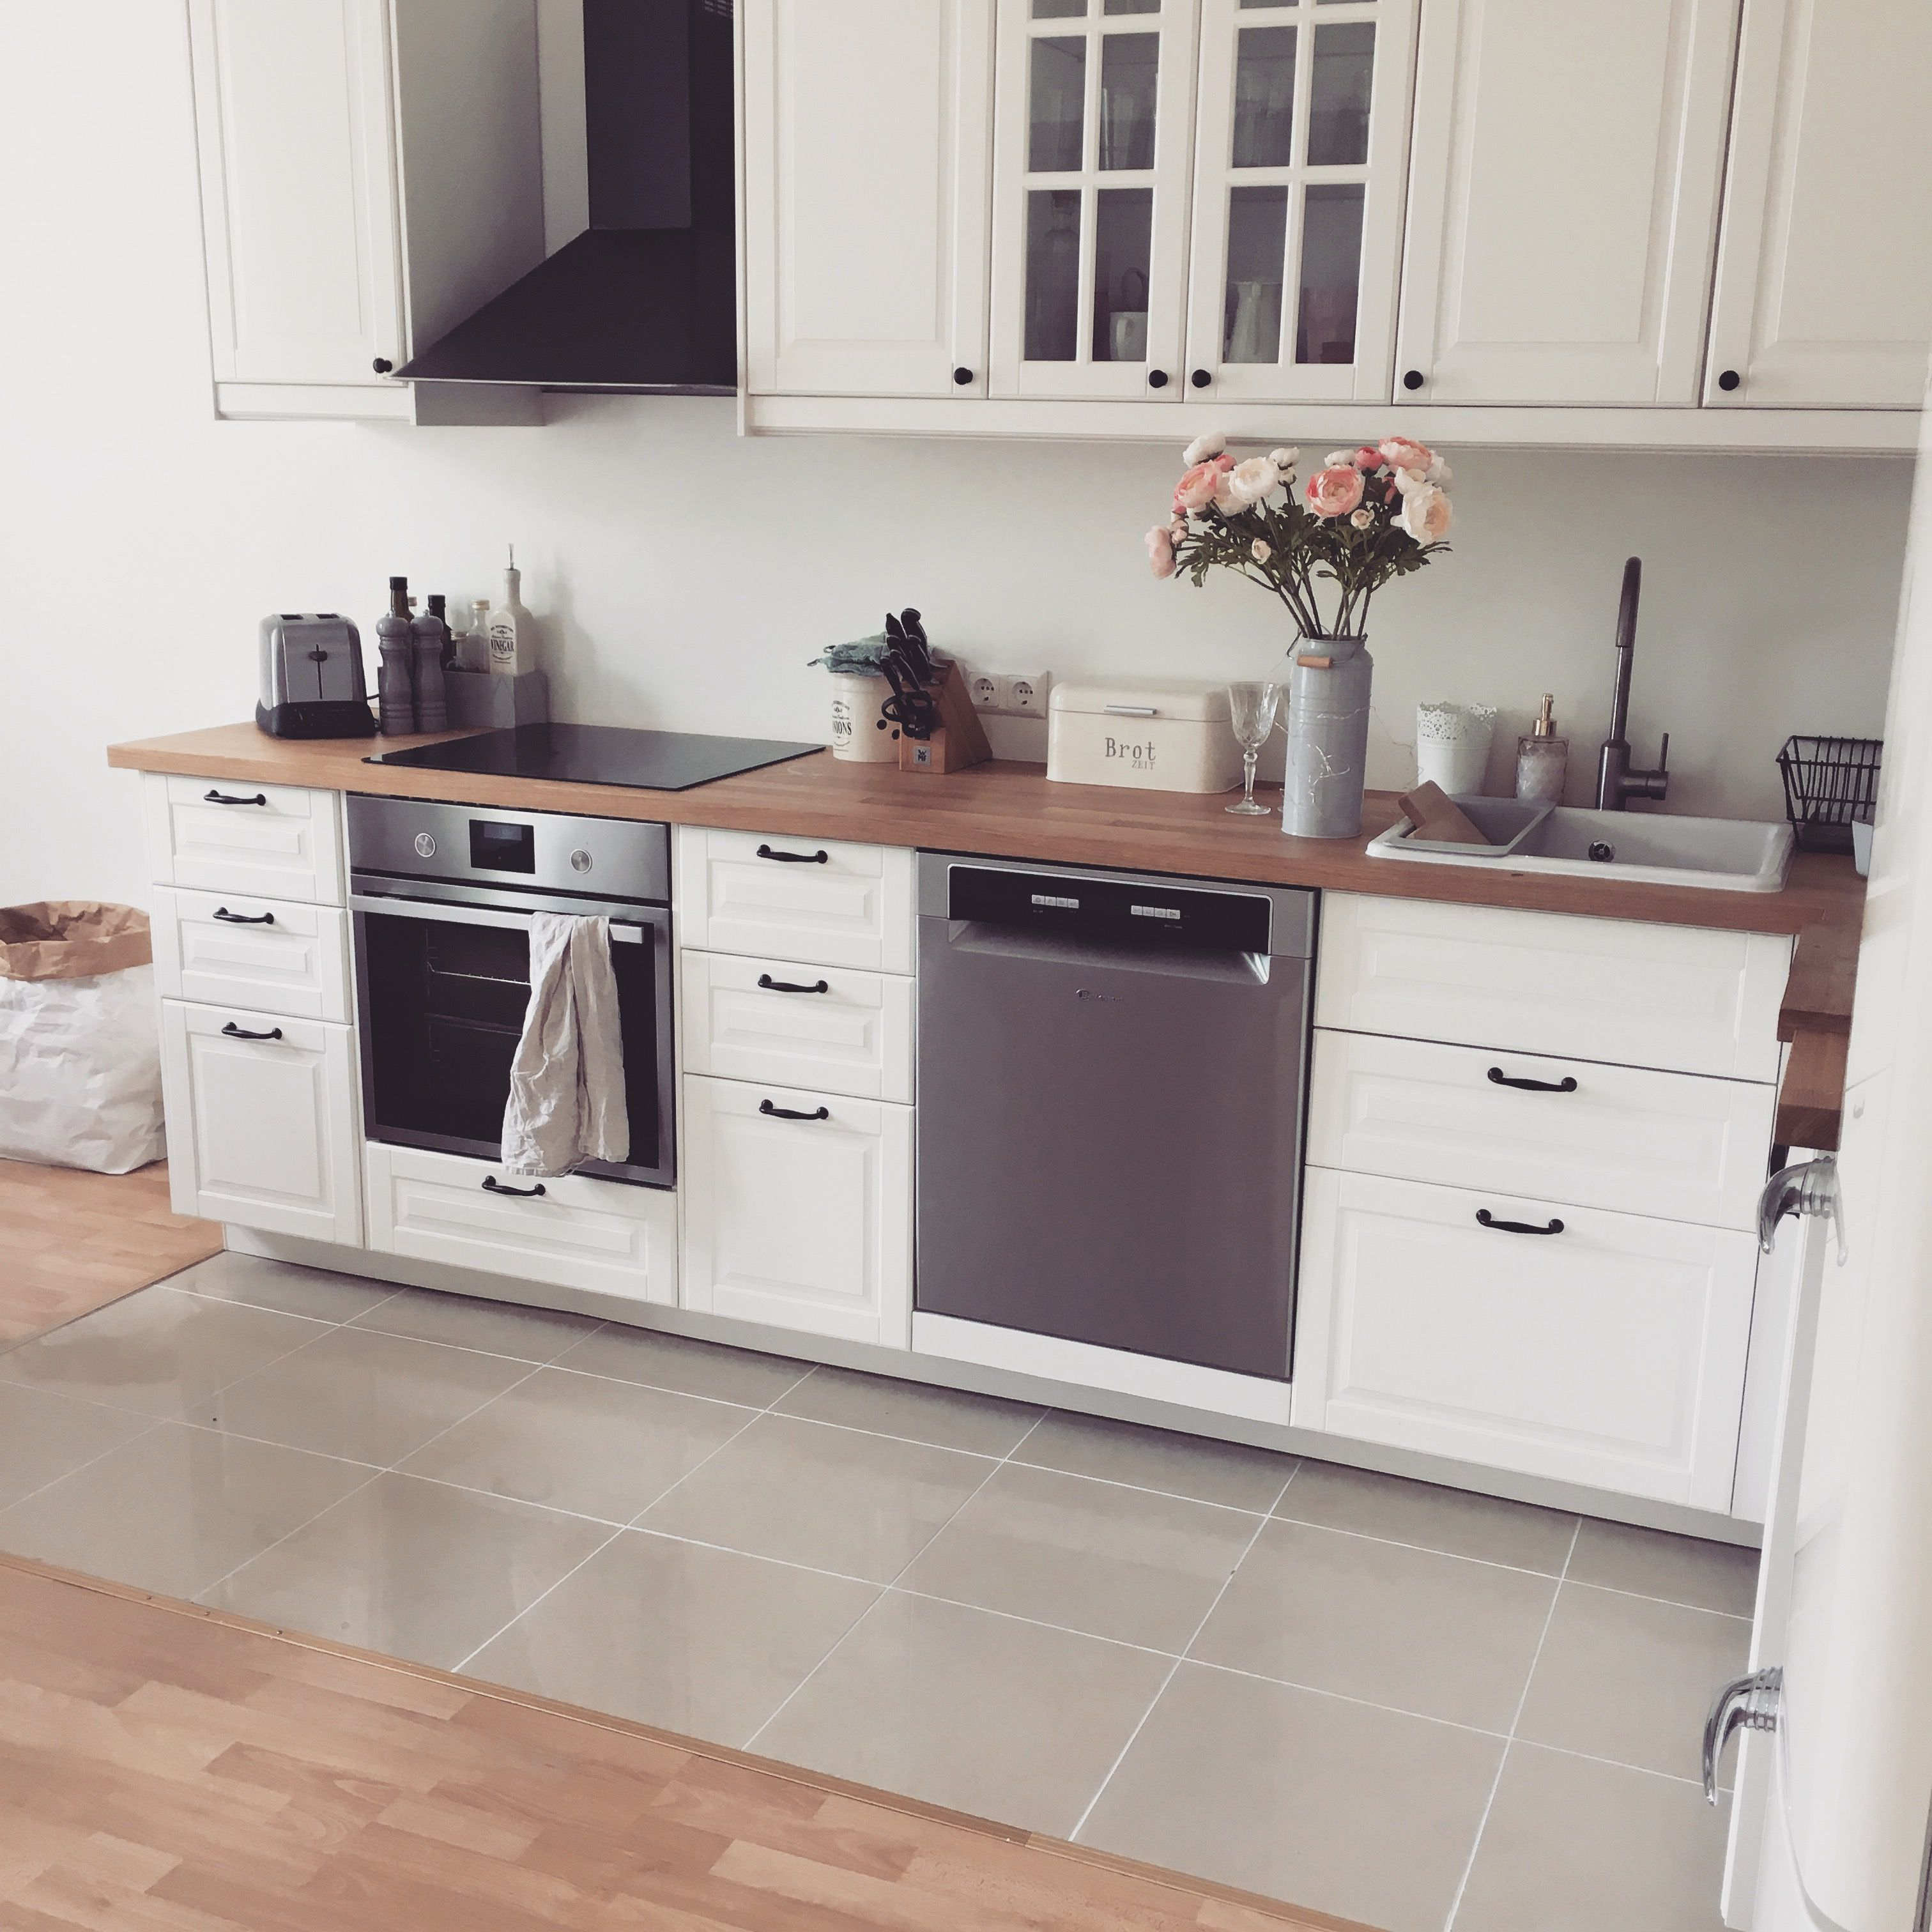 Lieblingsplatz - Ikea-Küche - Landhausstil -bodbyn #ikea #küche ...